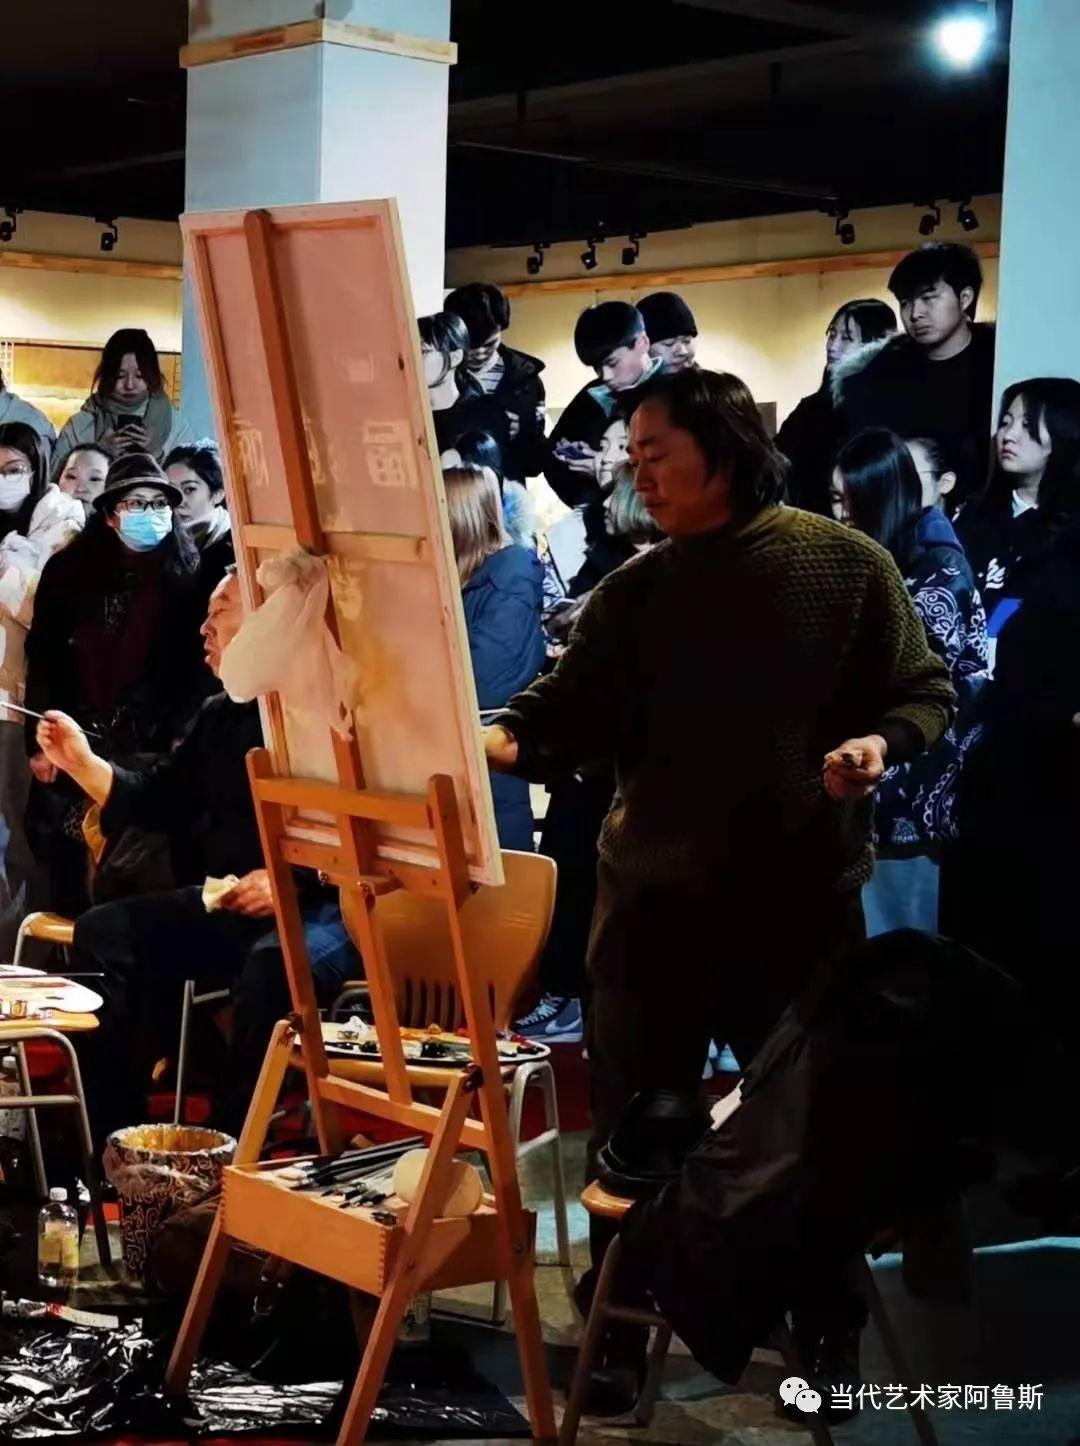 【传承经典】著名画家文胜一奋进新时代砥砺新作为优秀作品展 第4张